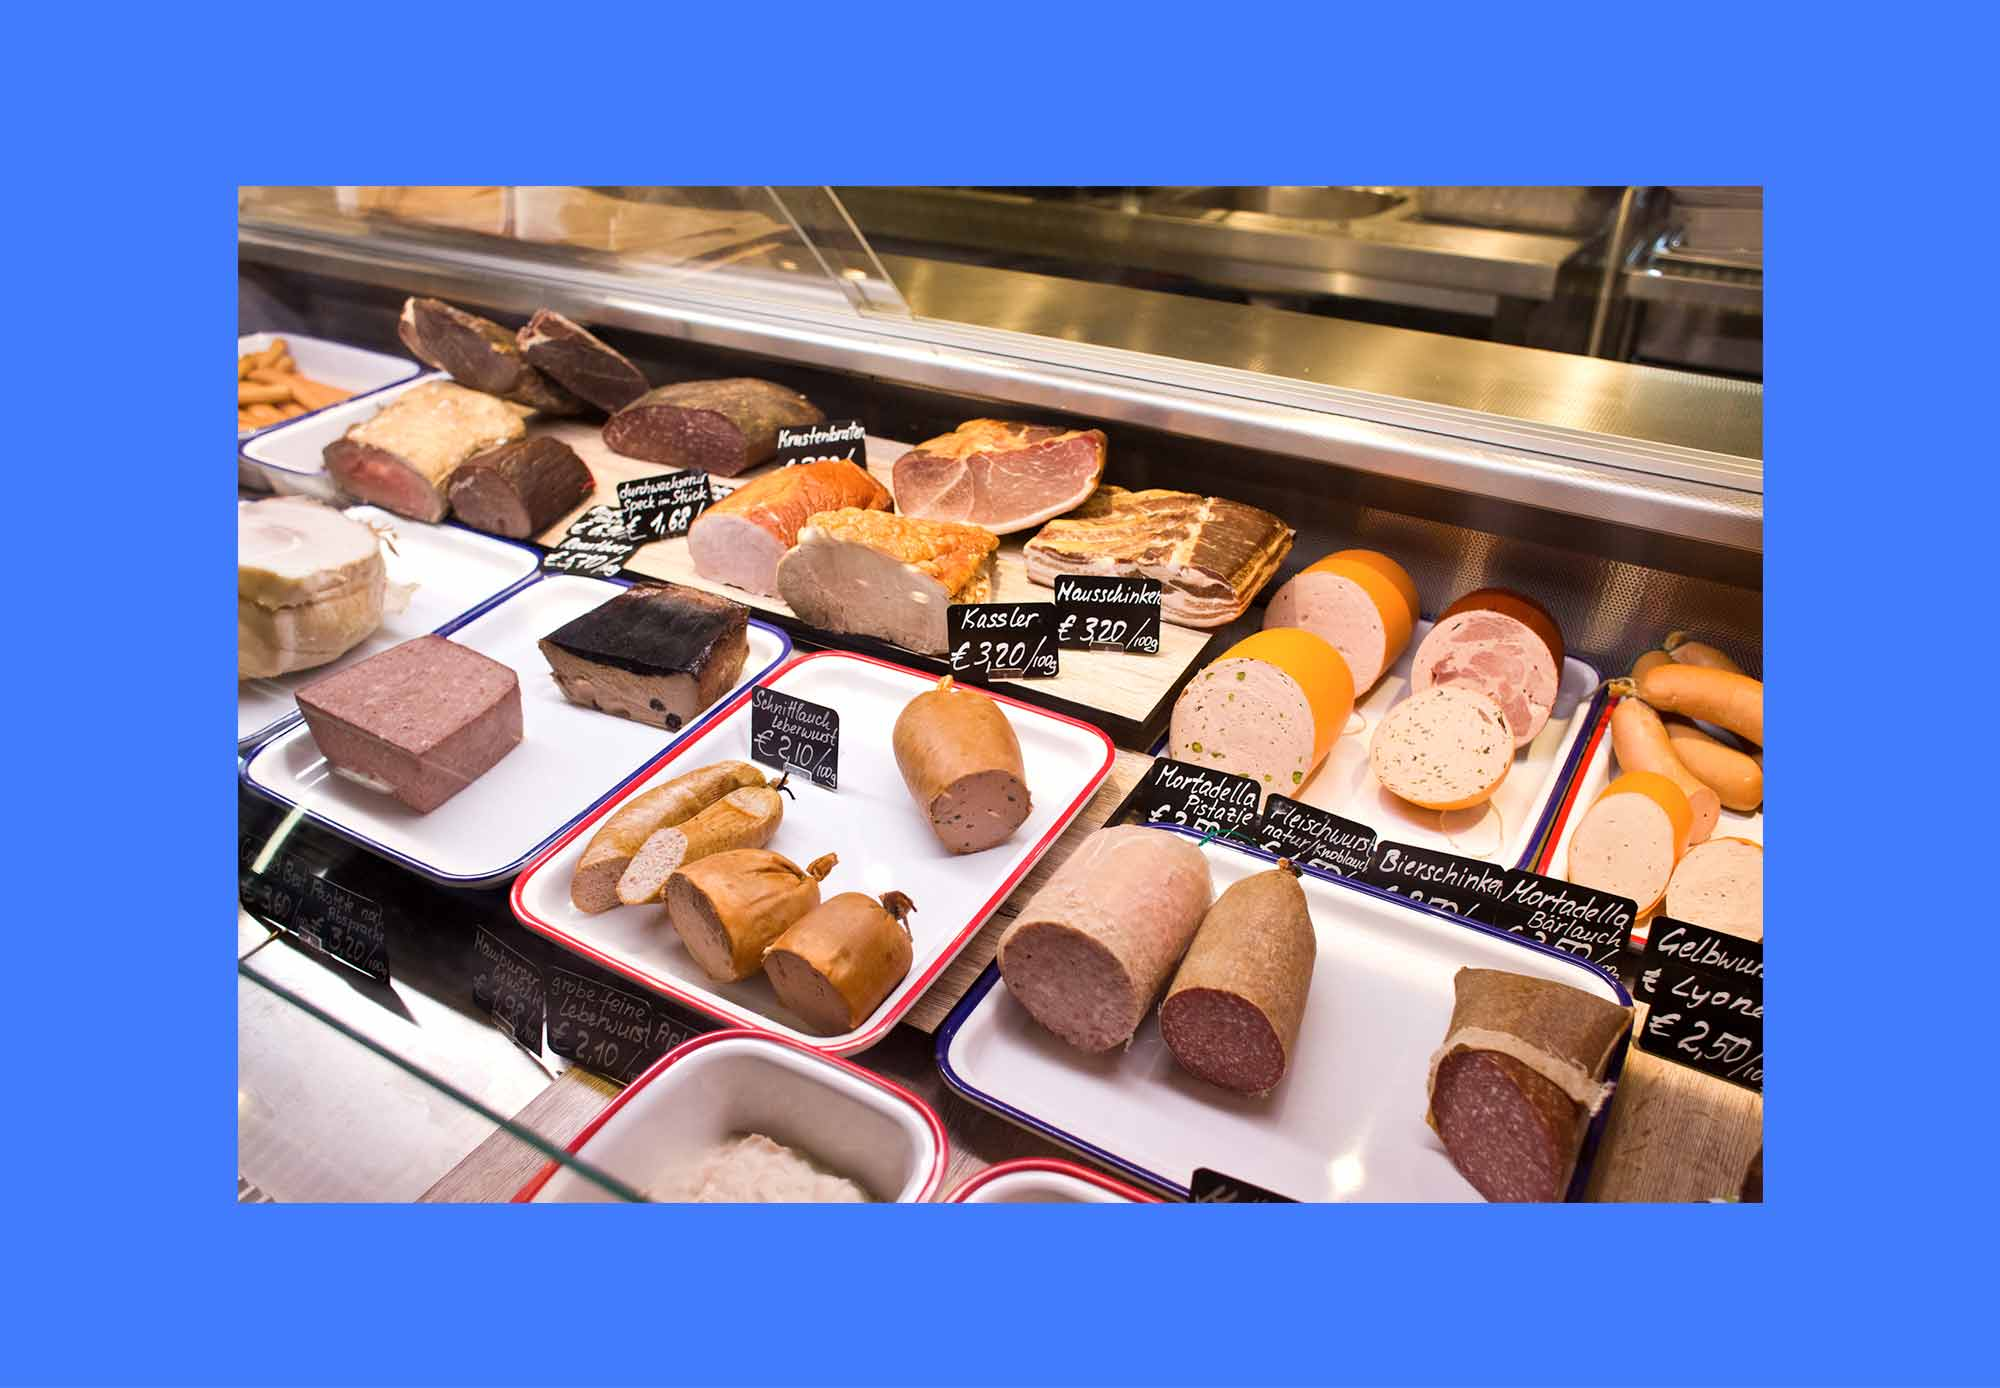 08-regionale-wurst-hamburg